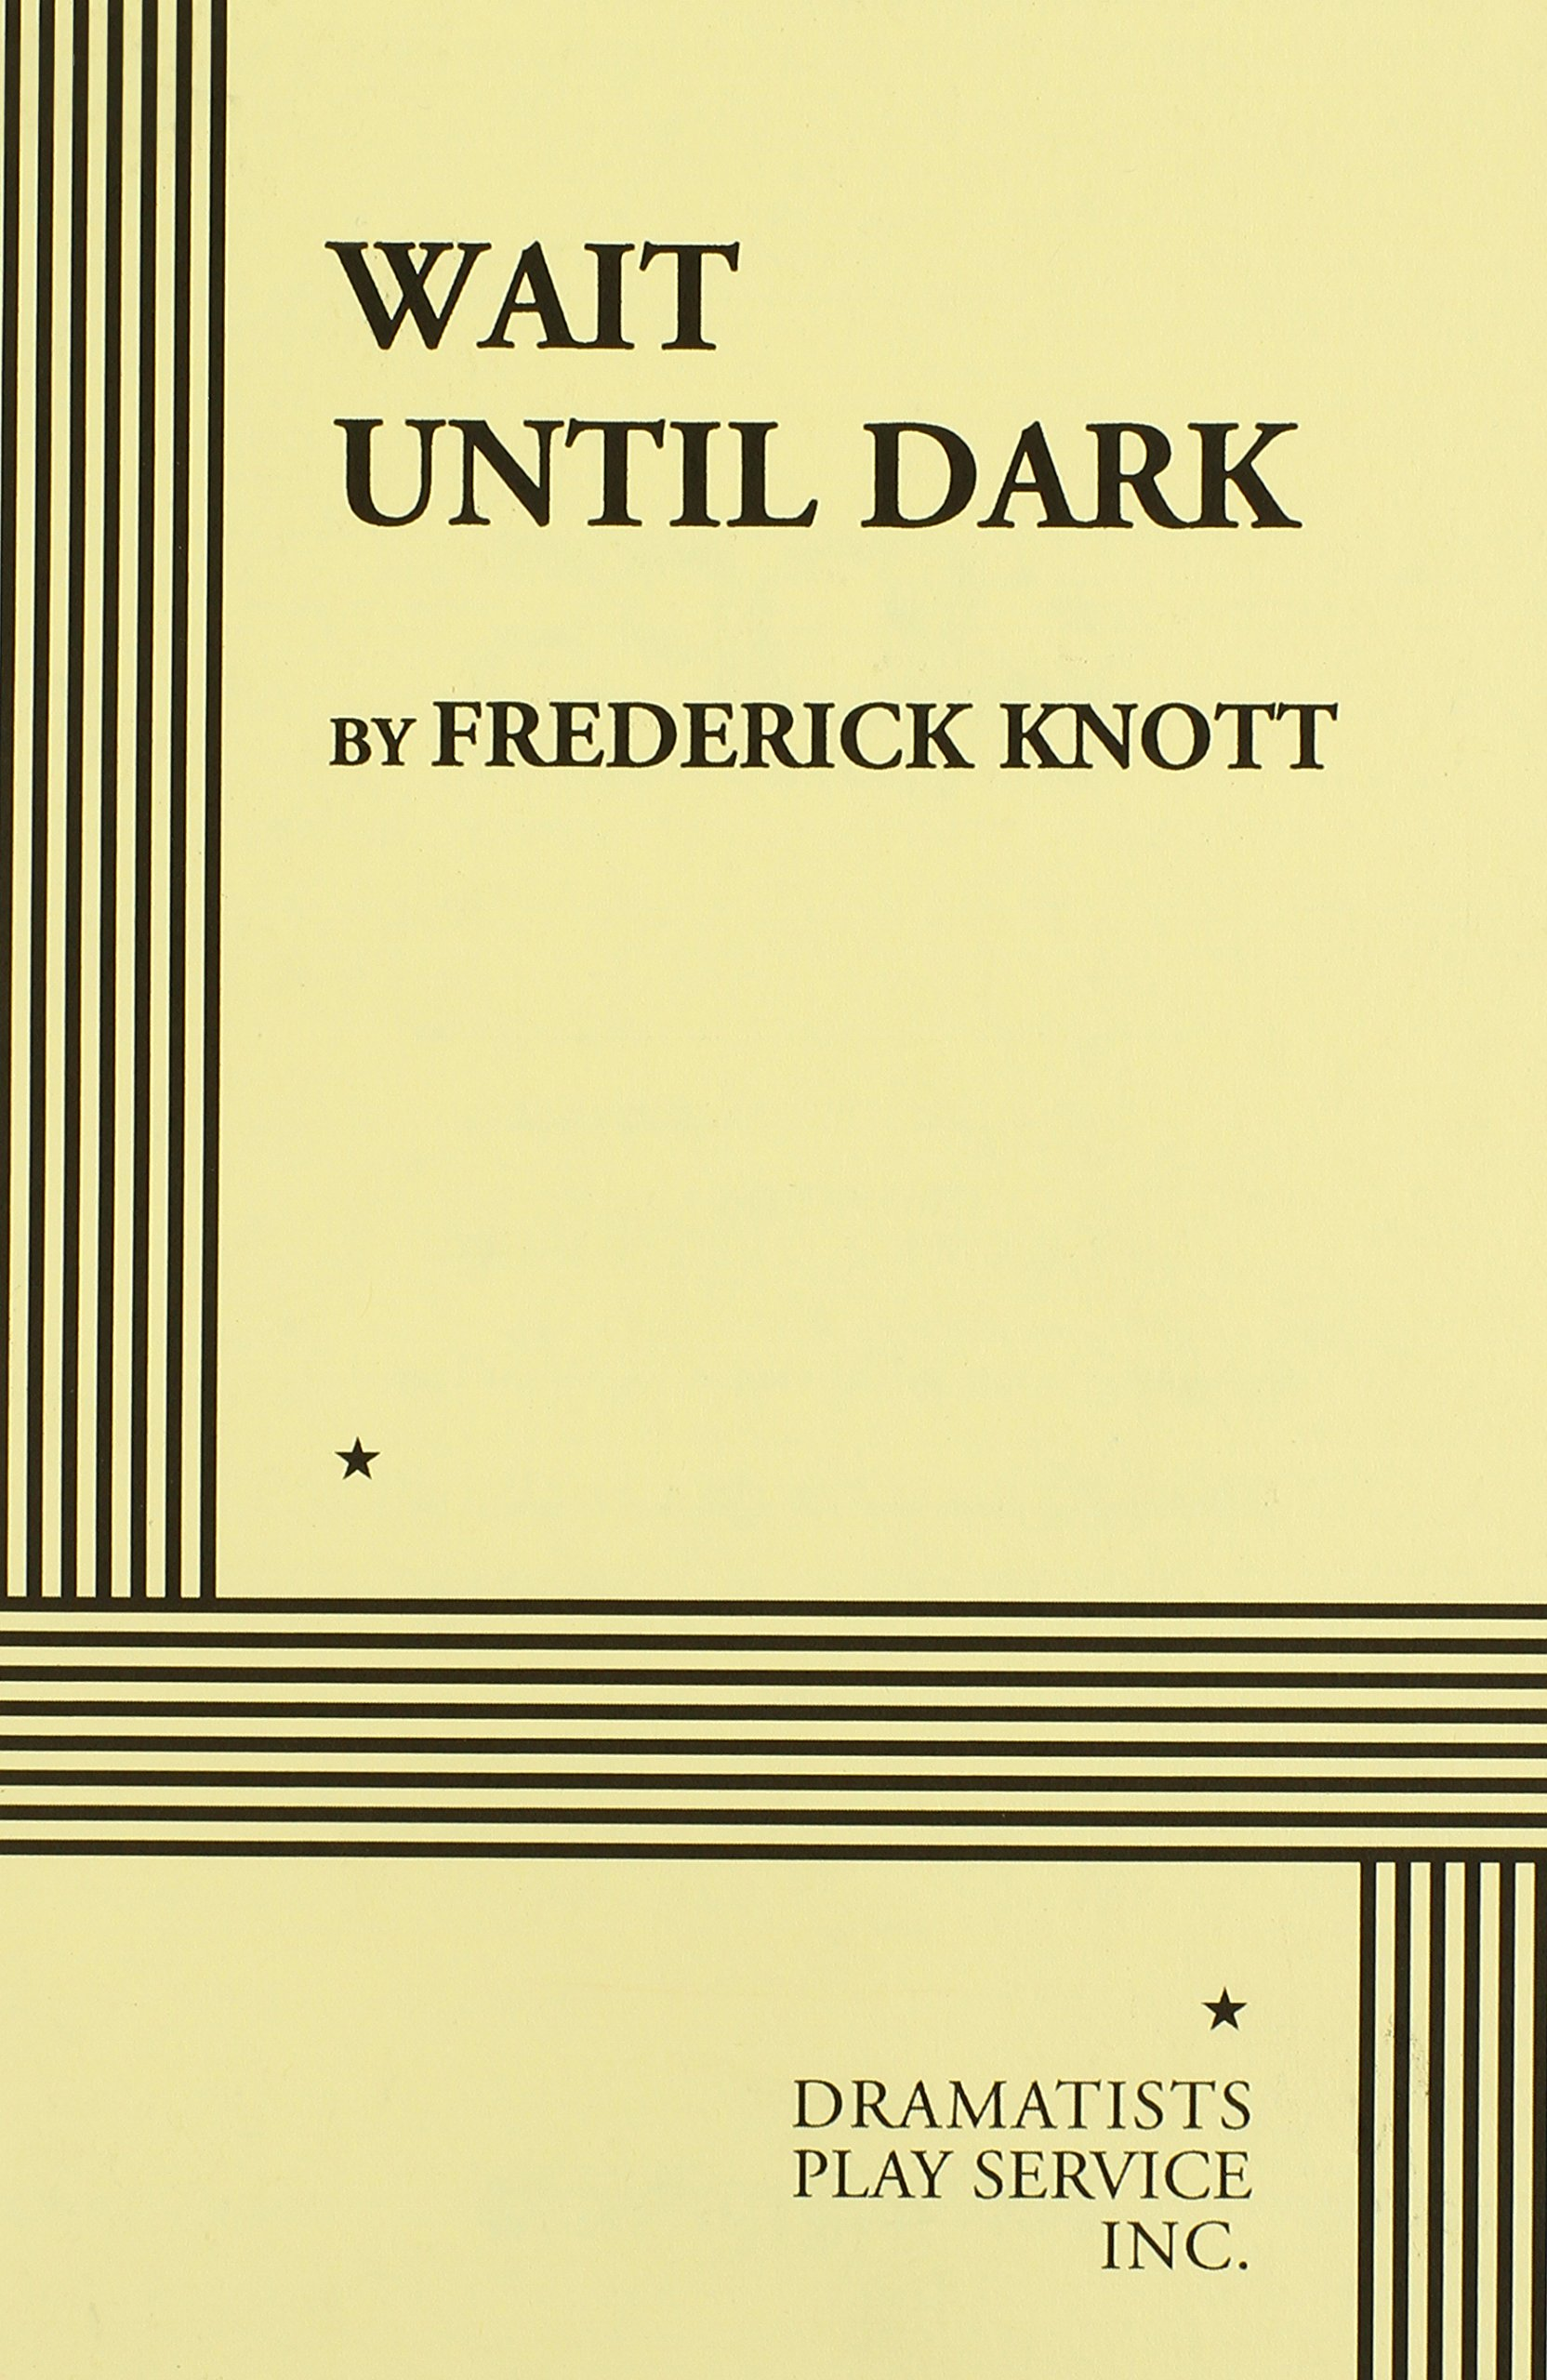 Wait Until Dark